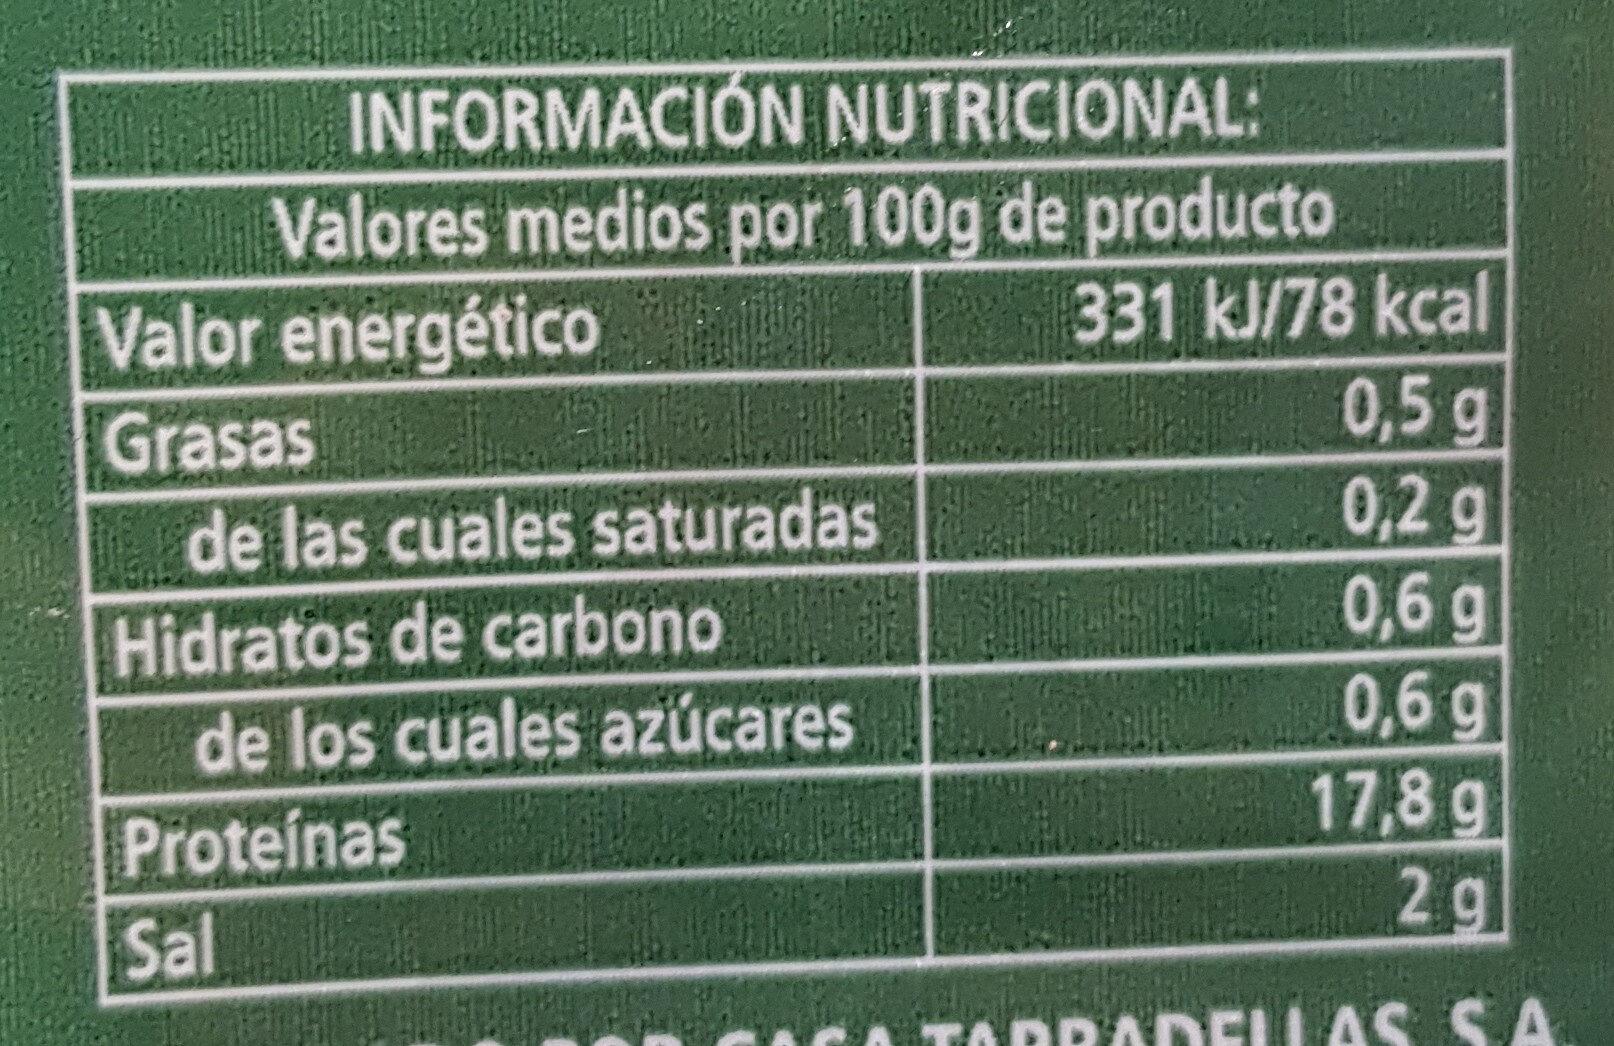 Pechuga de pavo al corte - Voedingswaarden - es